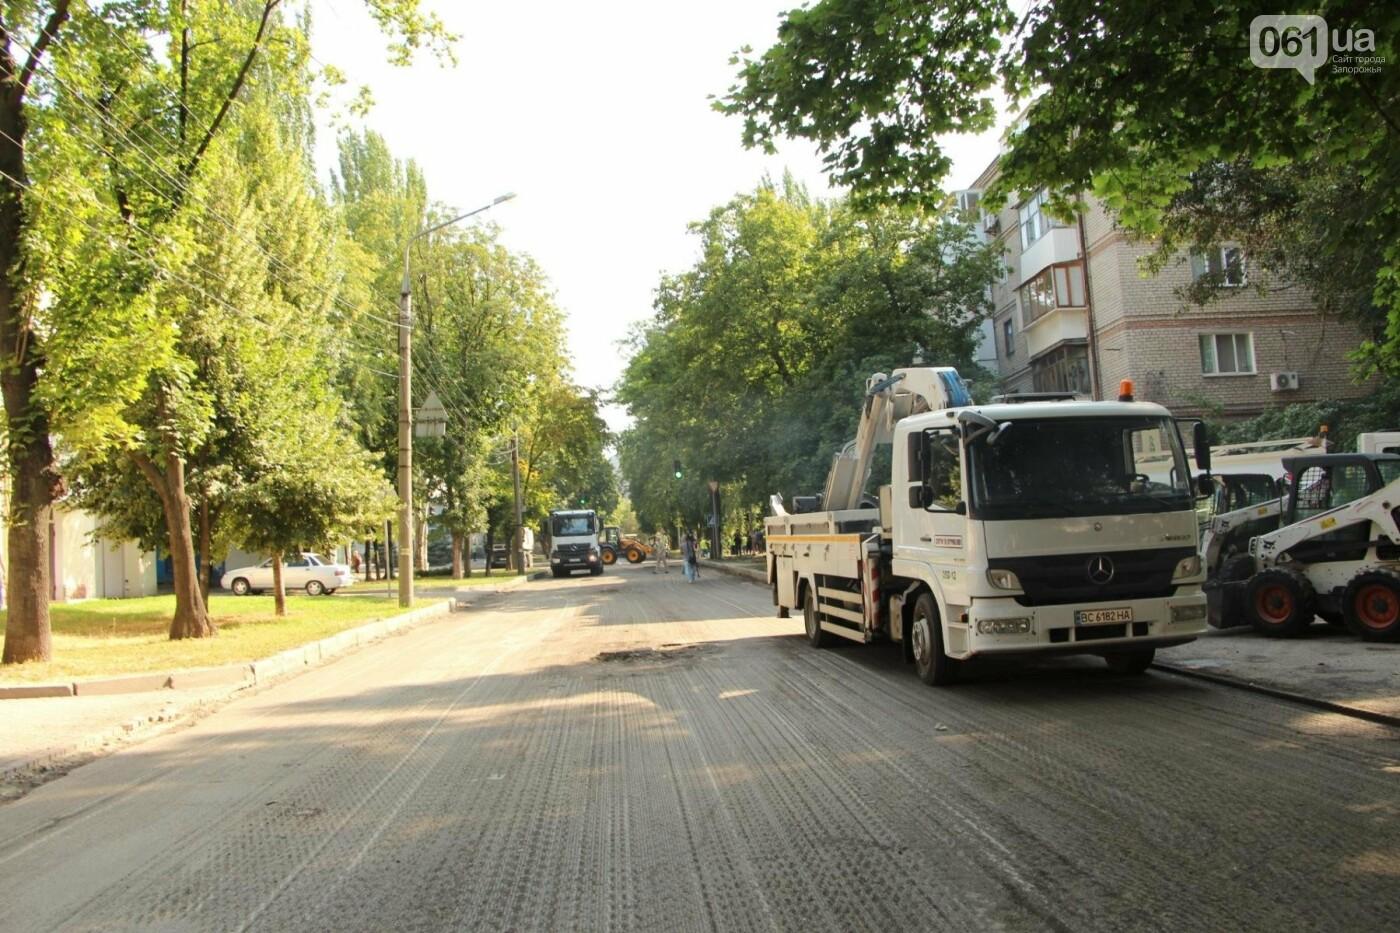 В Запорожье заканчивается ремонт дороги по улице Фортечной - завтра начнут в Вознесеновском, - ФОТОРЕПОРТАЖ, фото-9